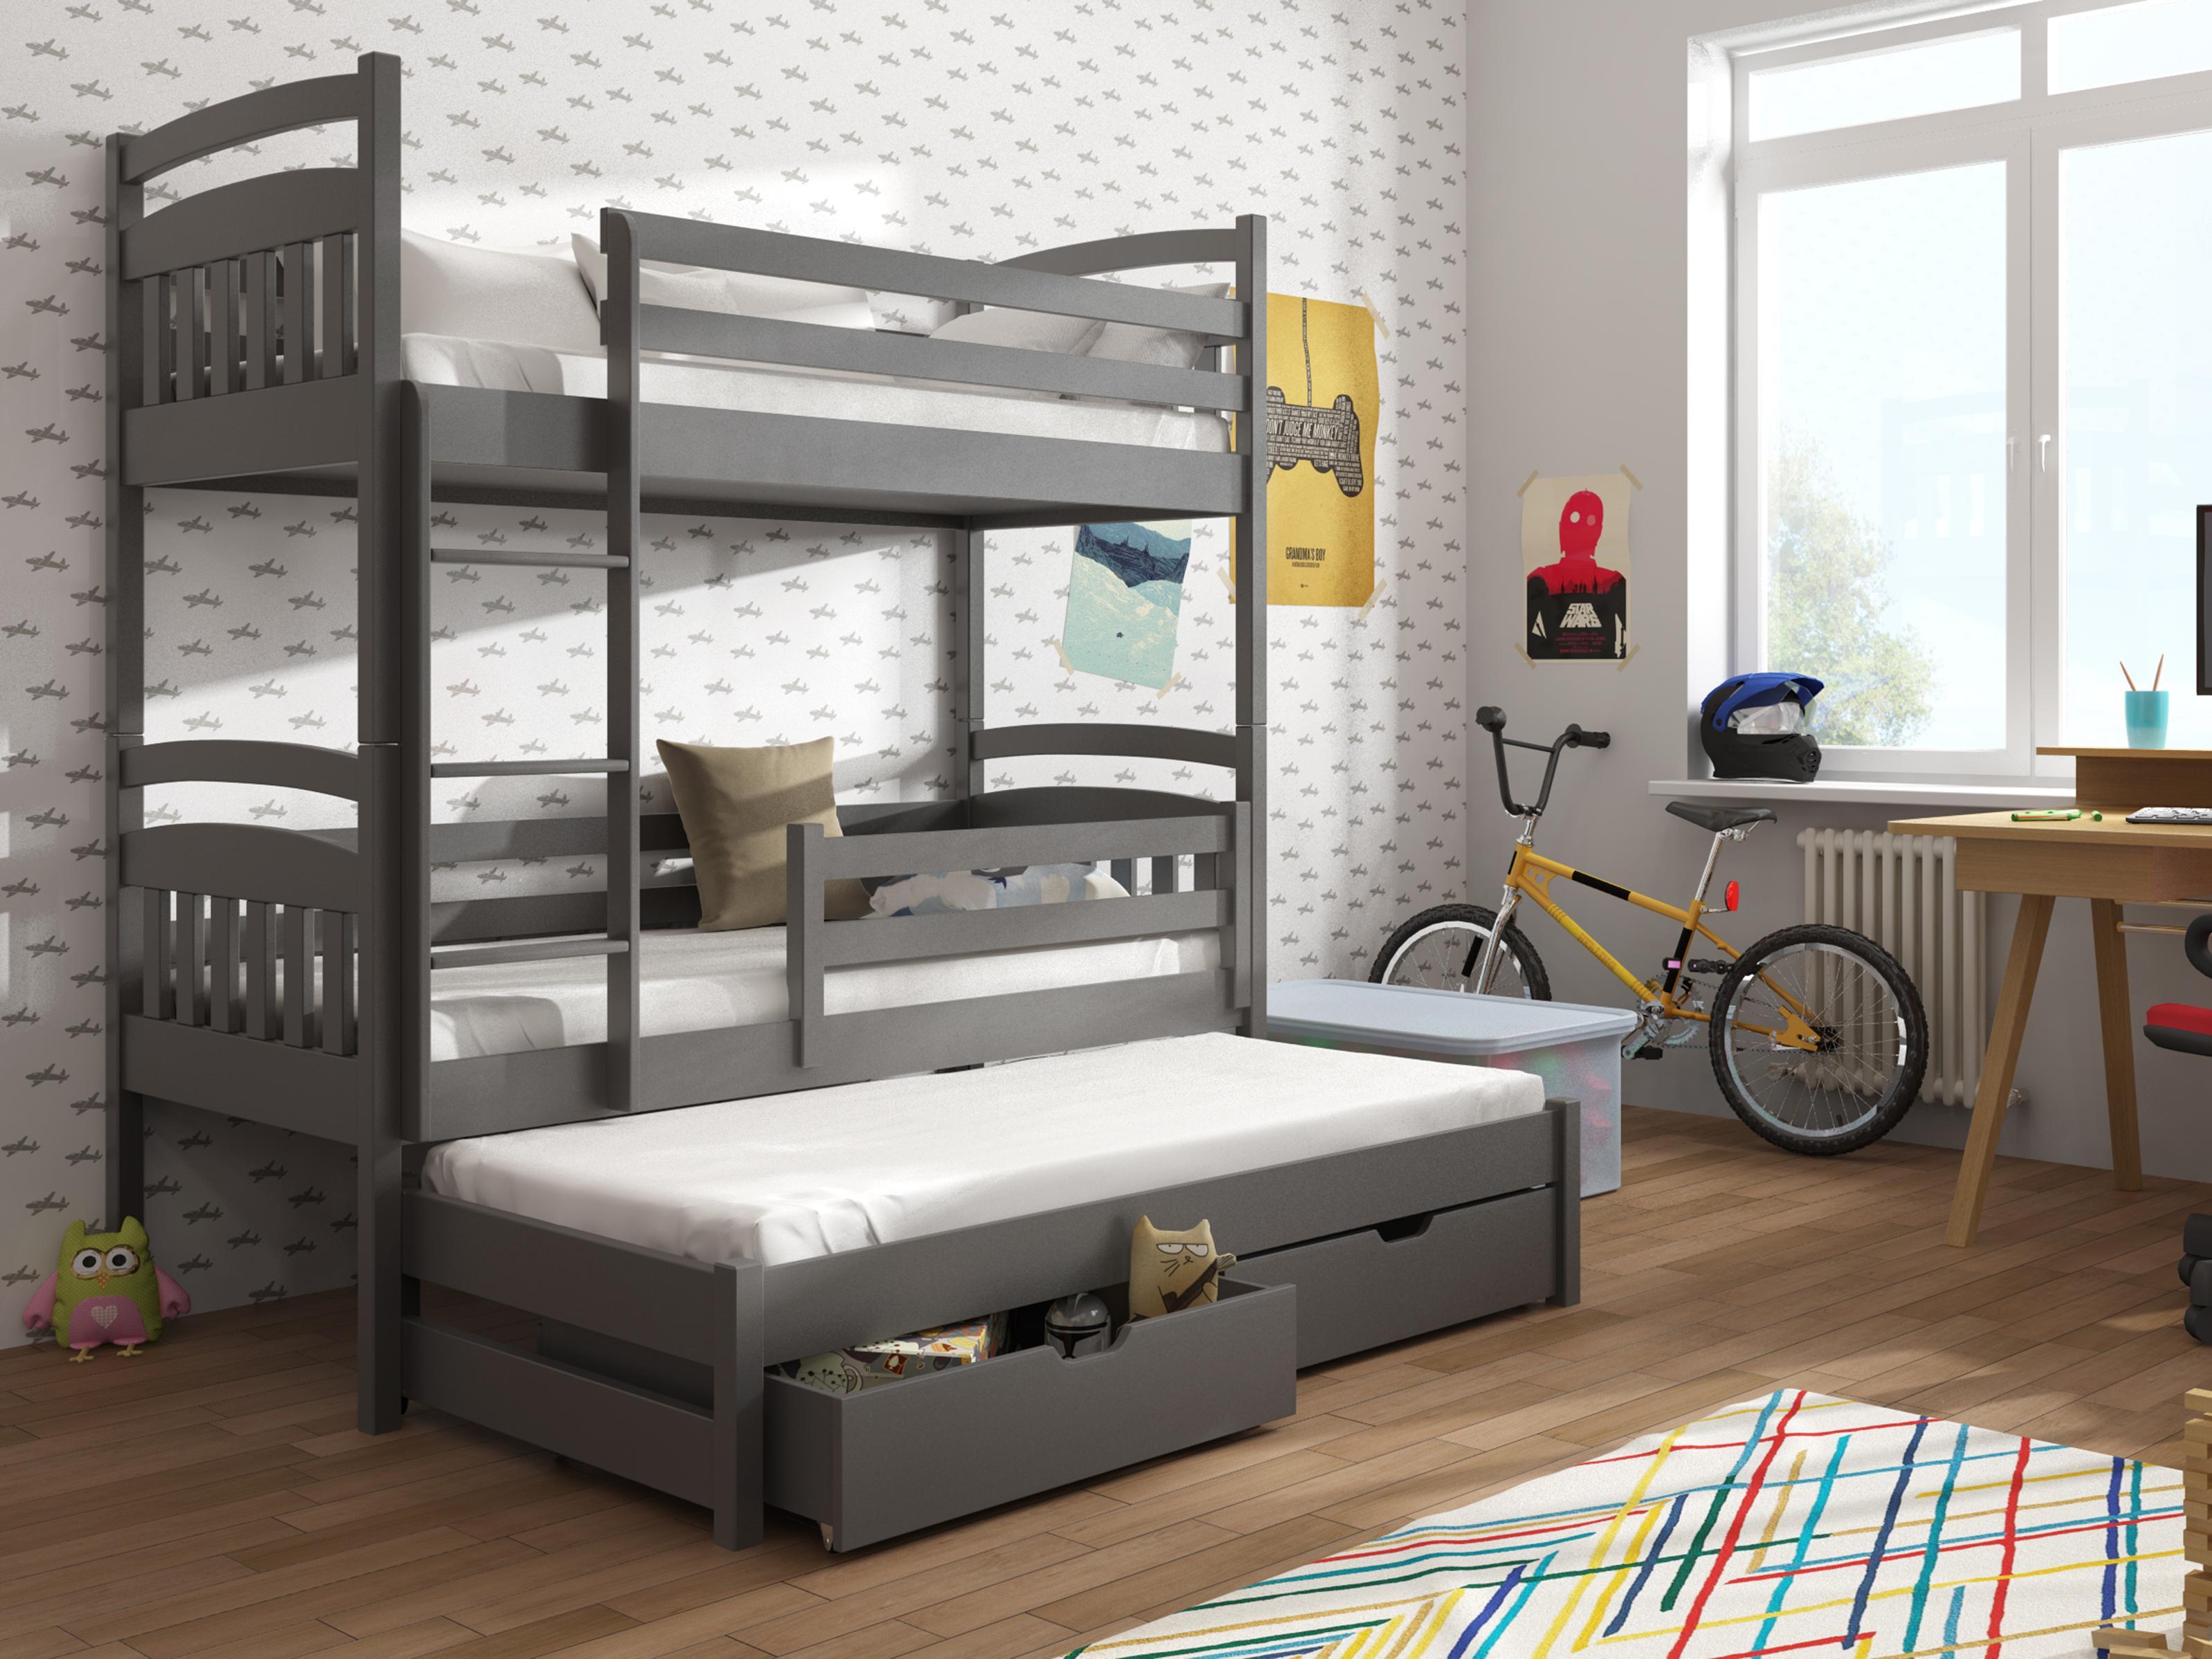 9bbb2d244658d Detská poschodová posteľ 90 cm Anie (grafit) | NovýNábytok.sk